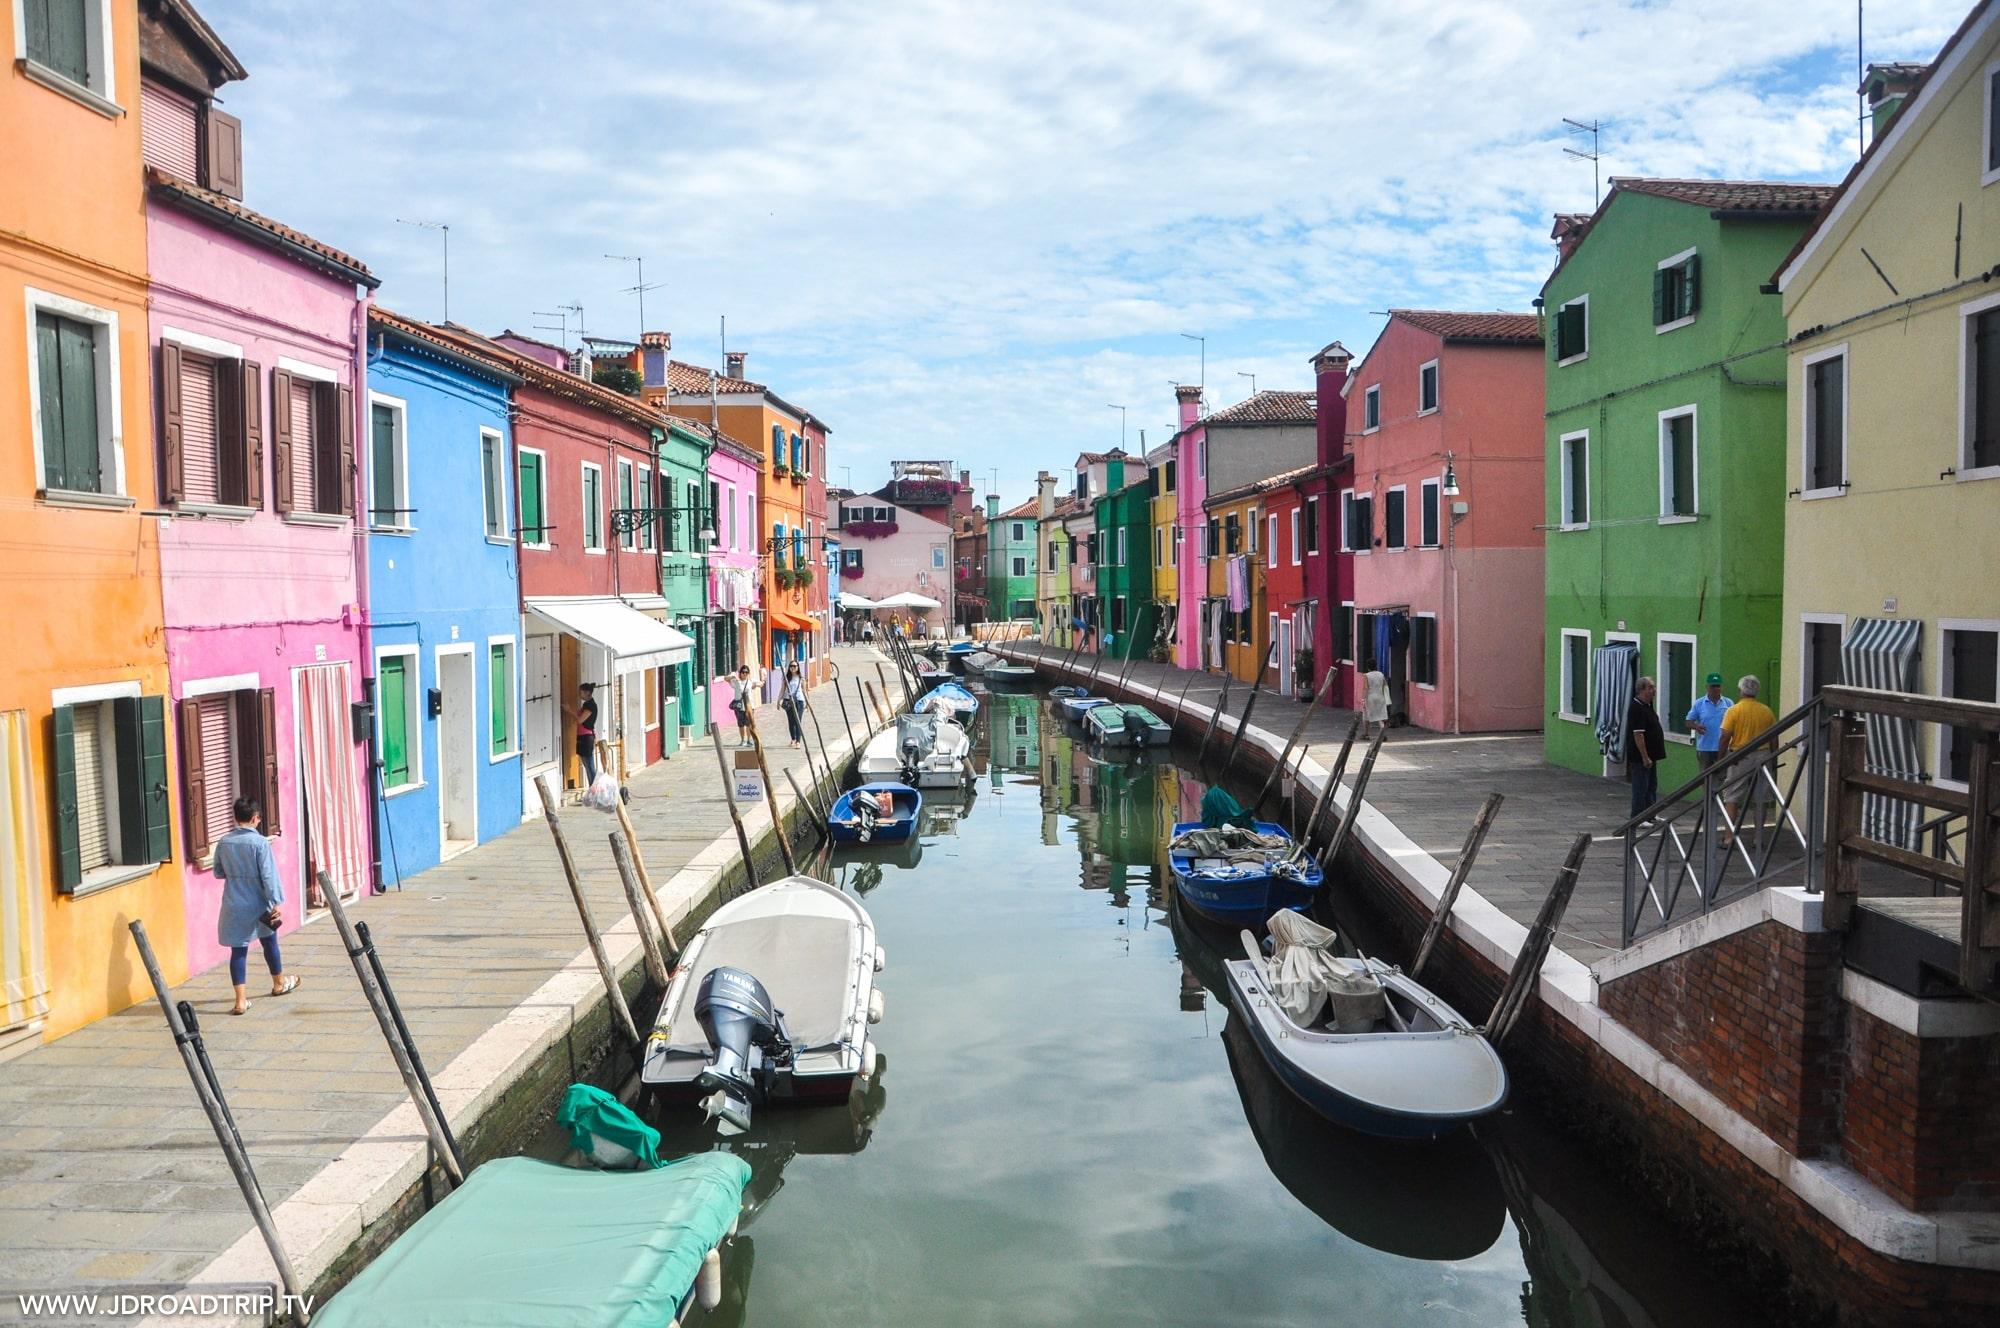 Visiter Venise en 3 jours - Burano